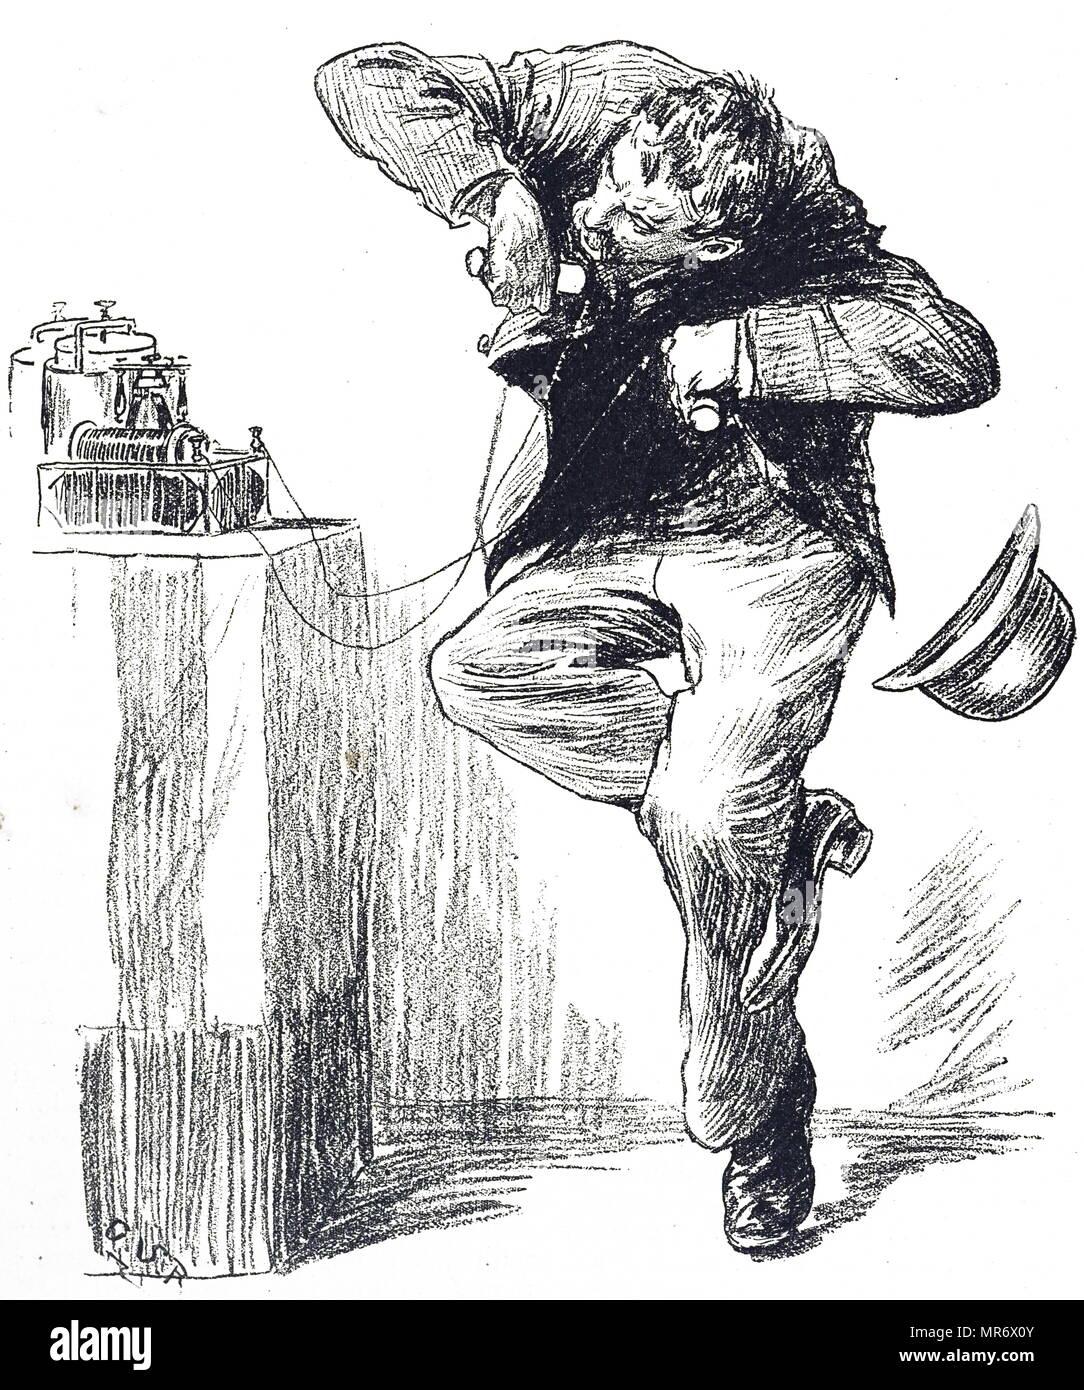 Gravure représentant un homme ayant une direction dans la pile galvanique qui choquerait la personne maintenant. En date du 19e siècle Photo Stock